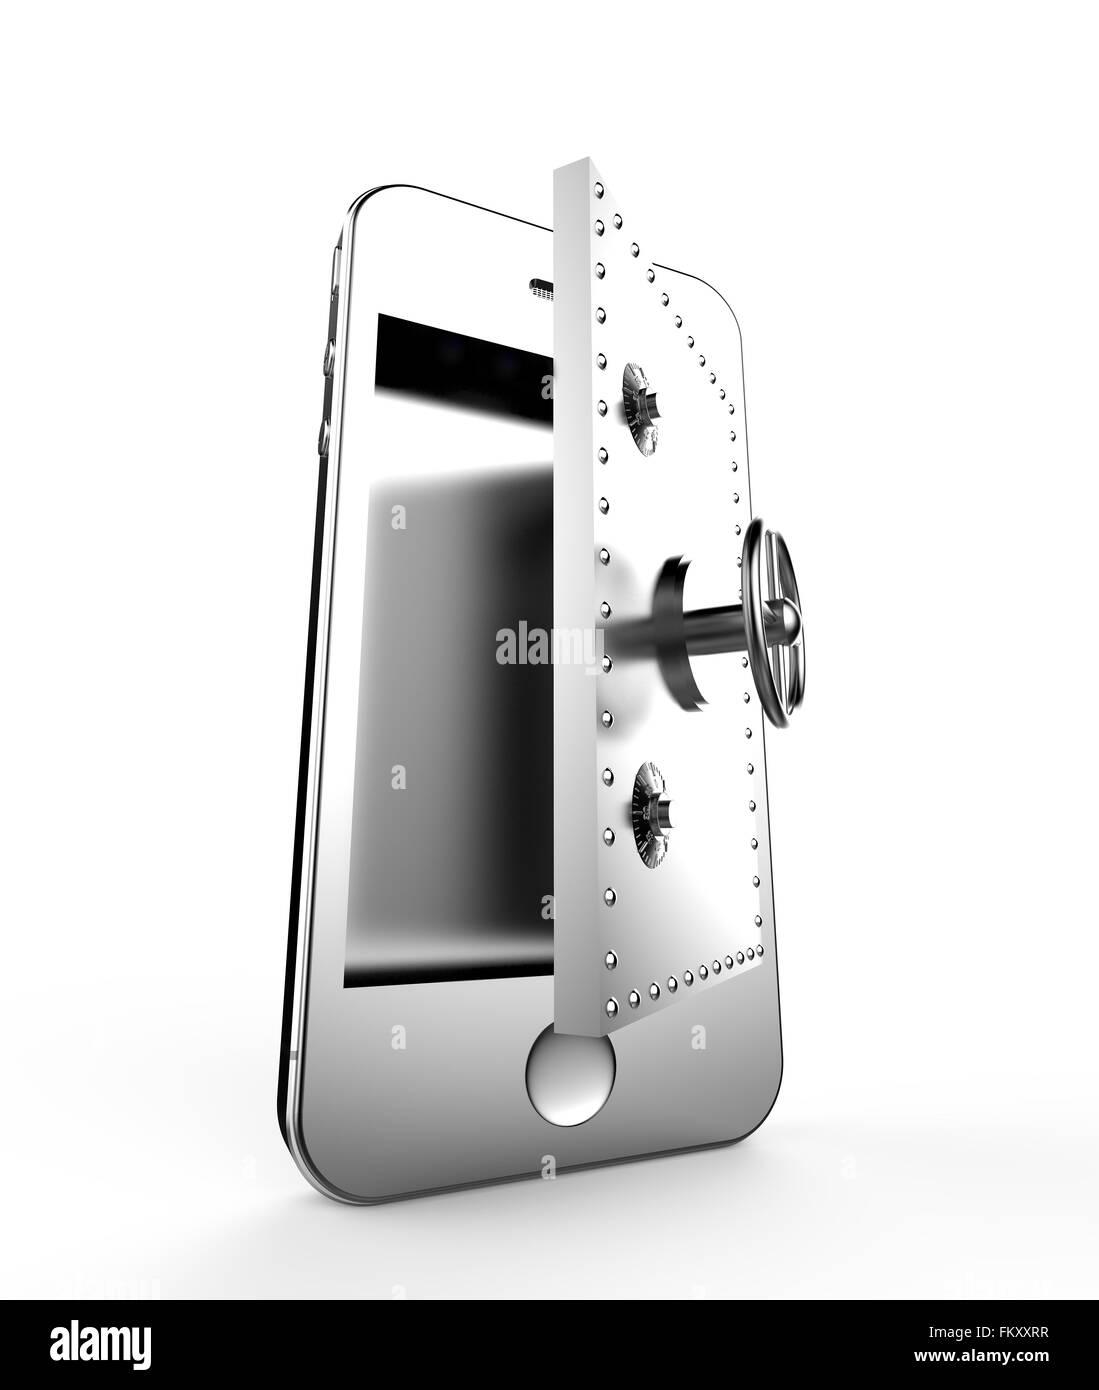 Offene Tür des Safes in einem Smartphone: Sicherheitskonzept Stockbild